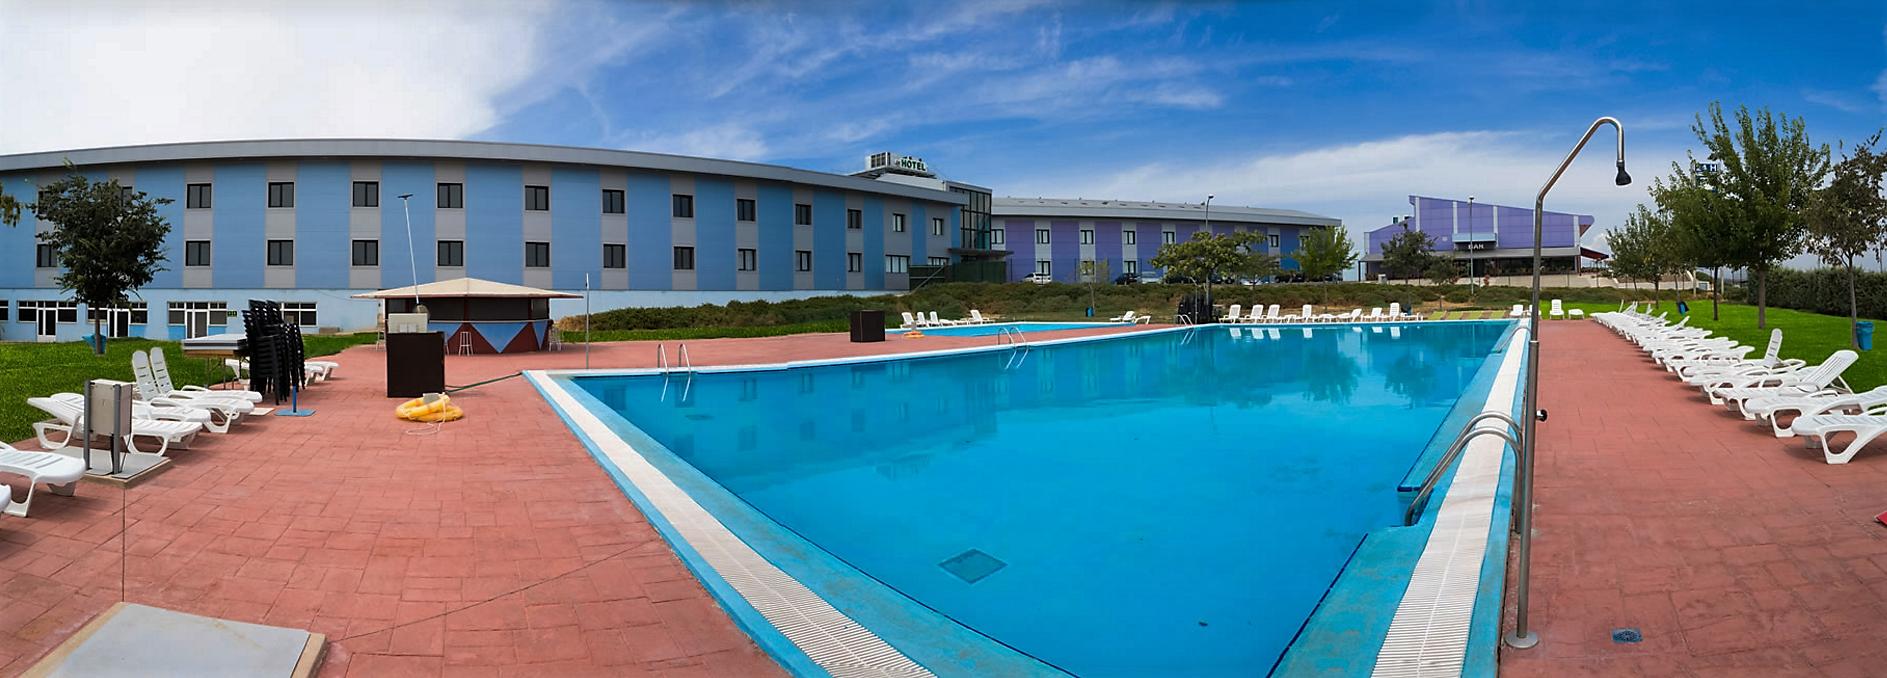 Hotel Merida Romero